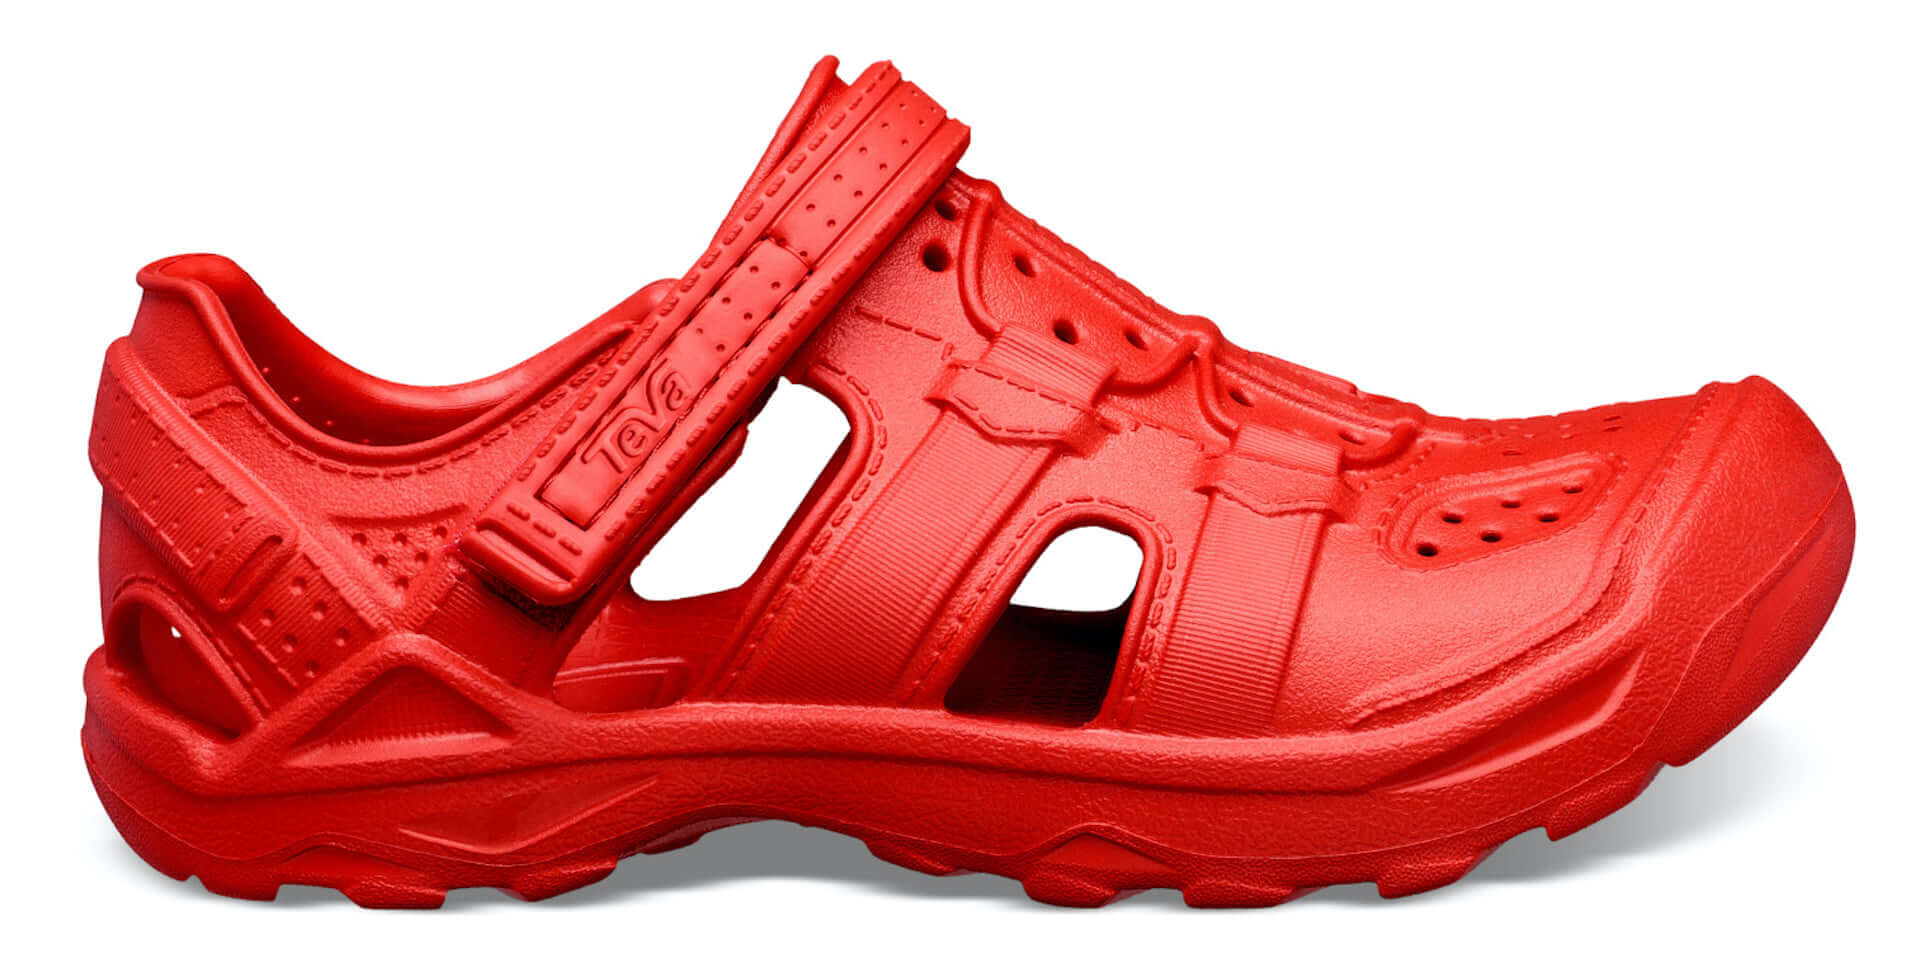 Tevaの濡れてもすぐ乾くスポーツサンダル「DRIFT COLLECTION」が登場!夏にぴったりなビビッドカラーの新色も lf200424_teva_15-1920x972